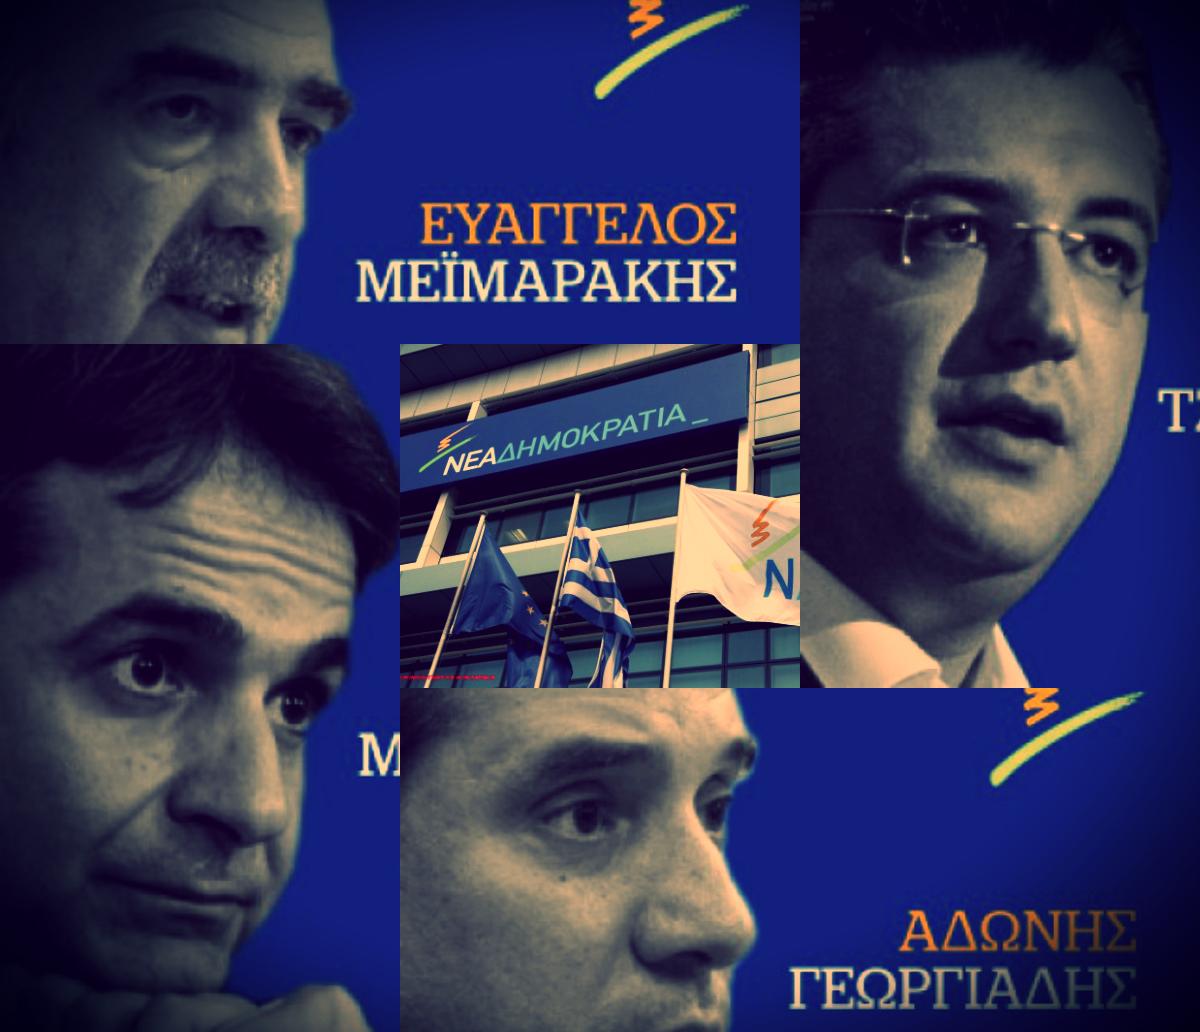 Νέα Δημοκρατία – Αποτελέσματα: Γλέντι χωρίς… αύριο στο twitter για τις #eklogesnd!